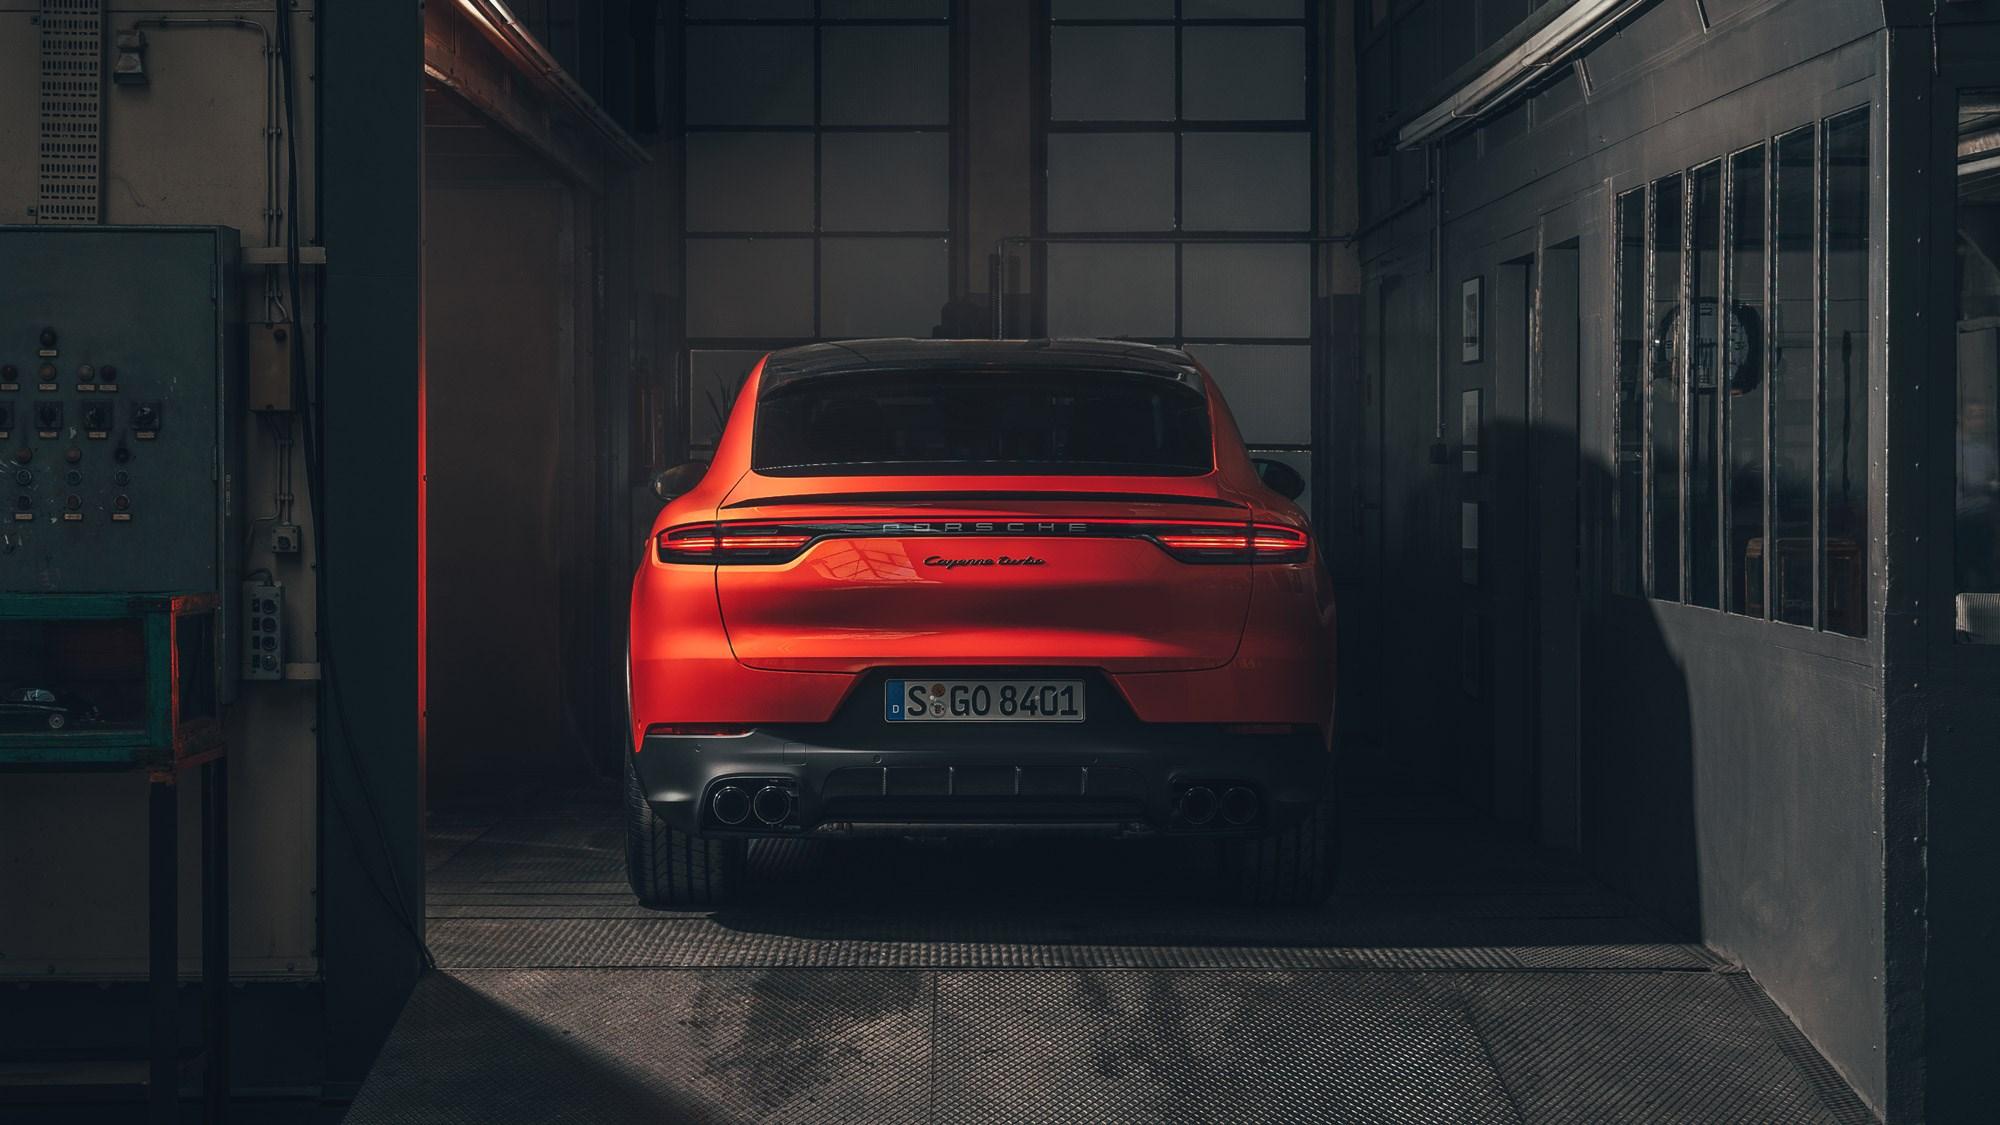 Porsche Cayenne Coupe slinks in to challenge BMW X6 brigade